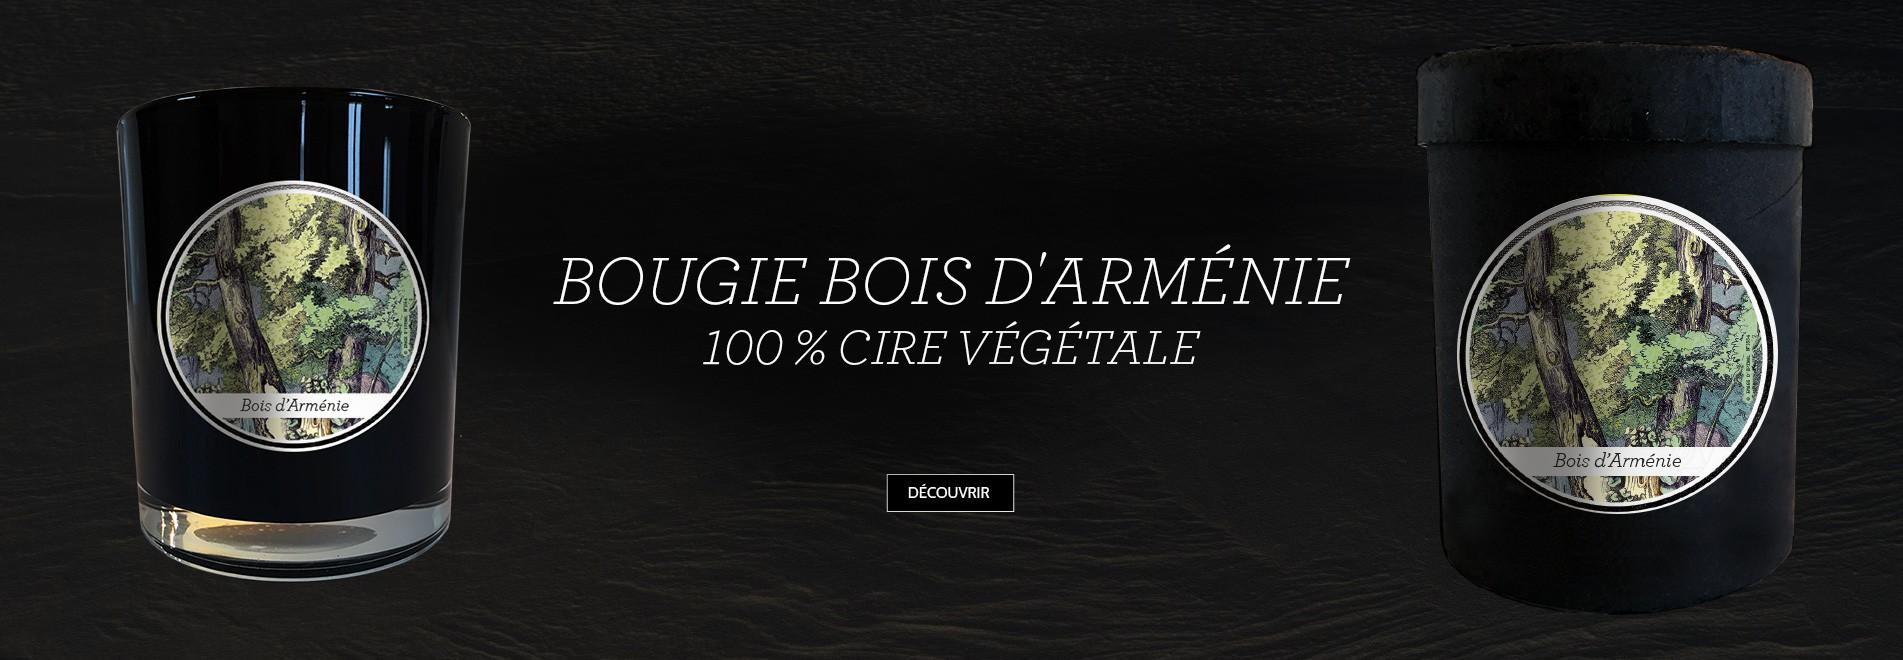 """BOUGIE PARFUMÉE """"BOIS D'ARMÉNIE"""""""